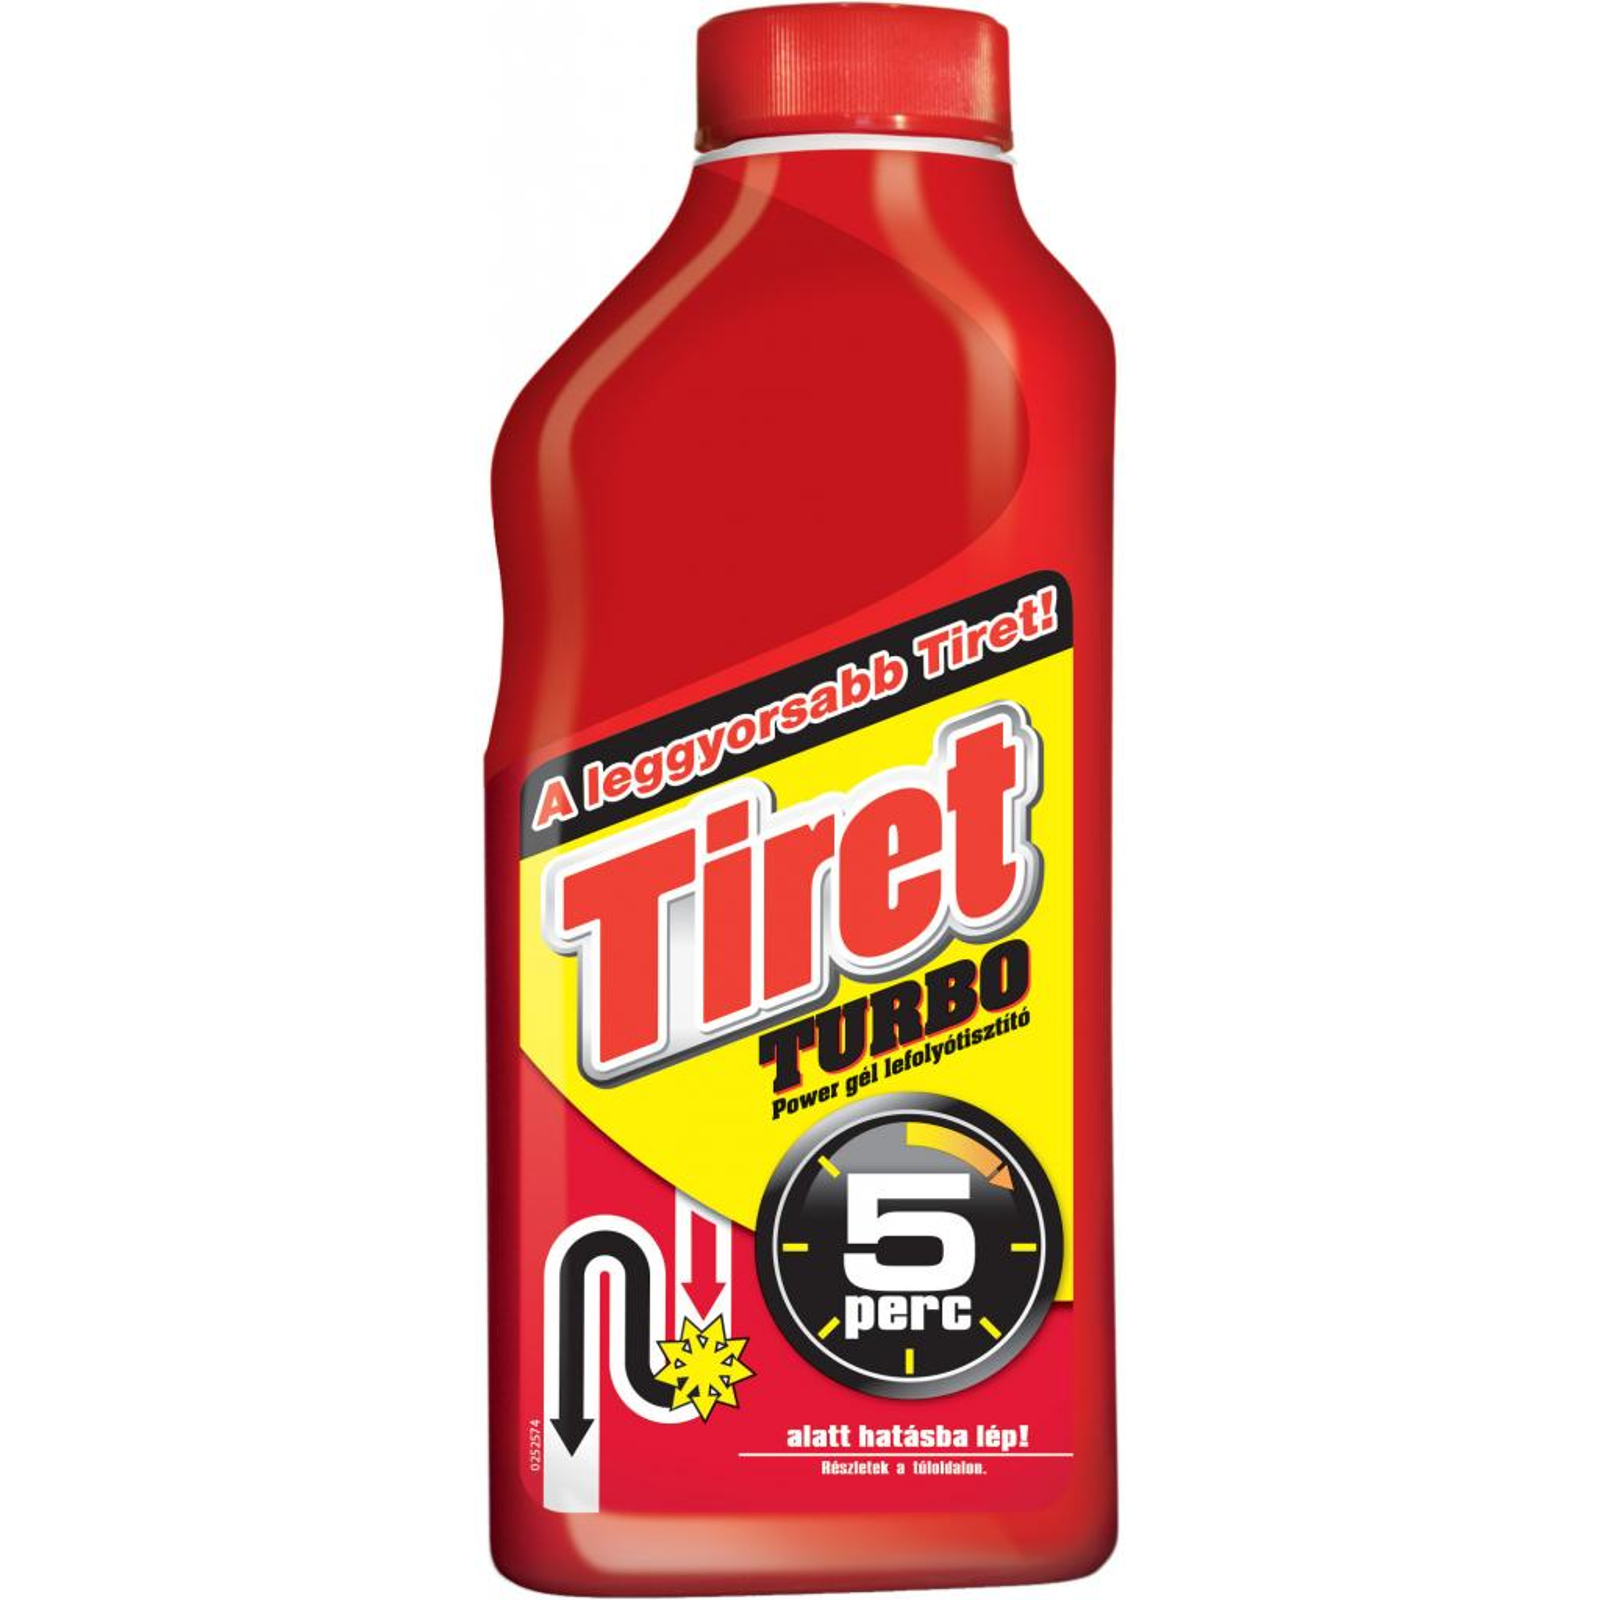 Чистящий гель Tiret Turbo для удаления засоров в трубах 500 мл (5997321741833)